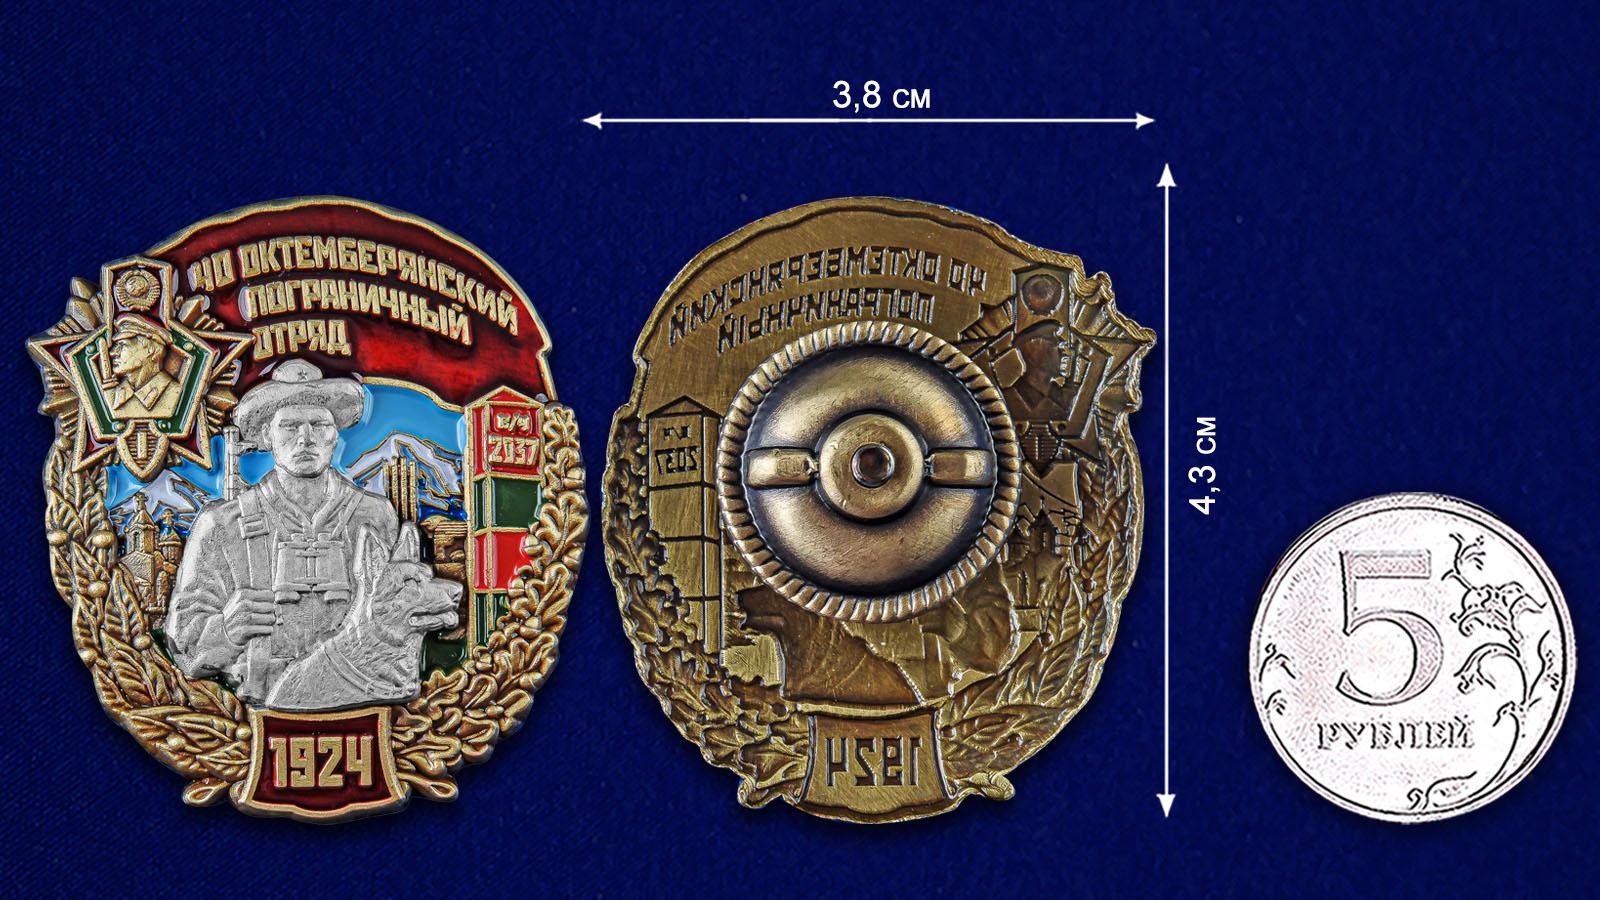 Памятный знак 40 Октемберянский Пограничный отряд - сравнительный вид